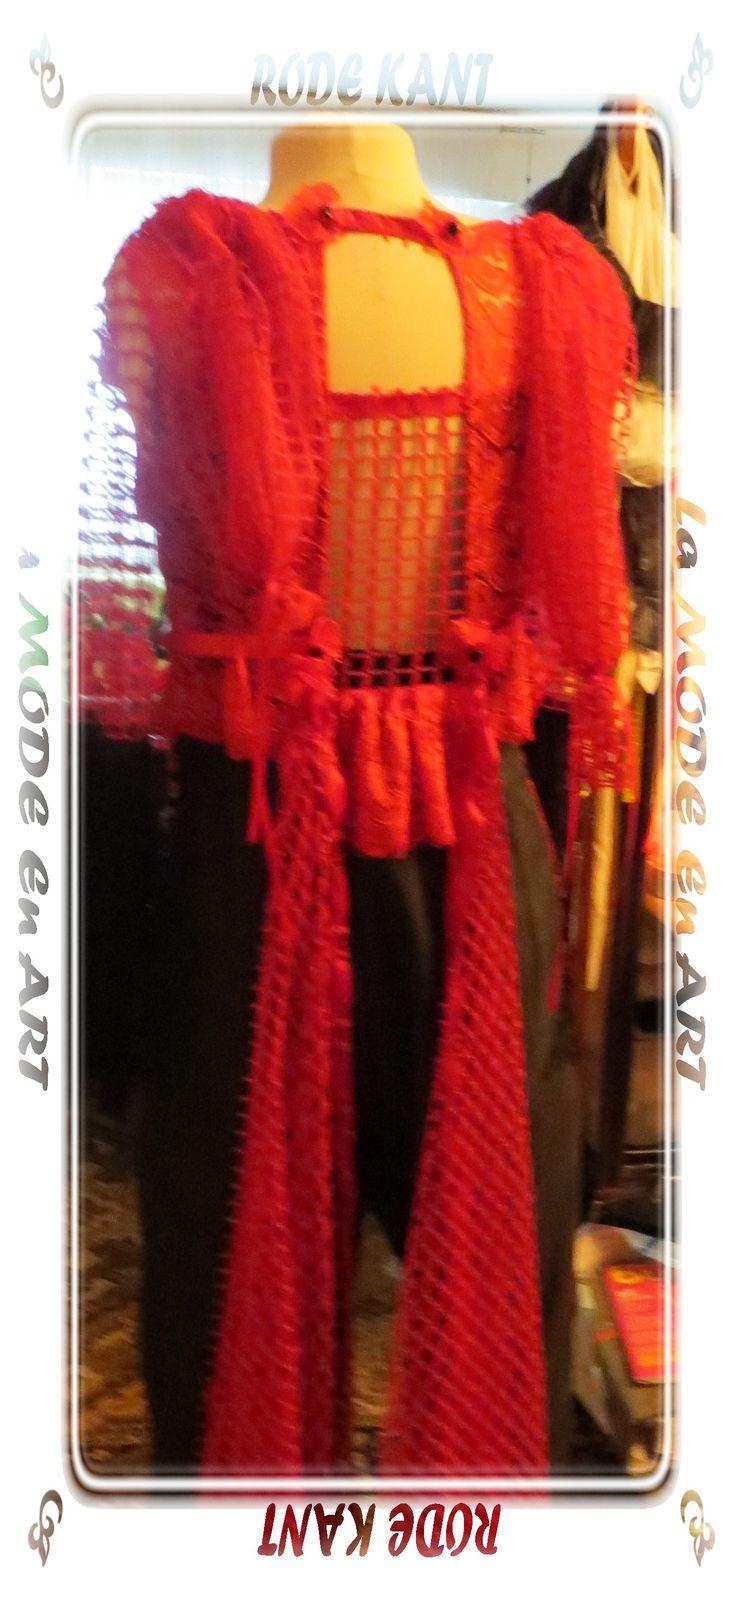 RODE KANT une création : La MODE En ART - le pantalon asymétrique est confectionné en taf-tan noir , drapé sur la jambe droite recouverte d'une dentelle rouge , - le corsage devant cousu en dentelle rouge est coupé avec une fine ceinture en satin noué dans la taille - le dos avec un décolleté profond dans le milieu du dos est fabriqué en filet de coton parsemé par des petites fleurs découpées .....